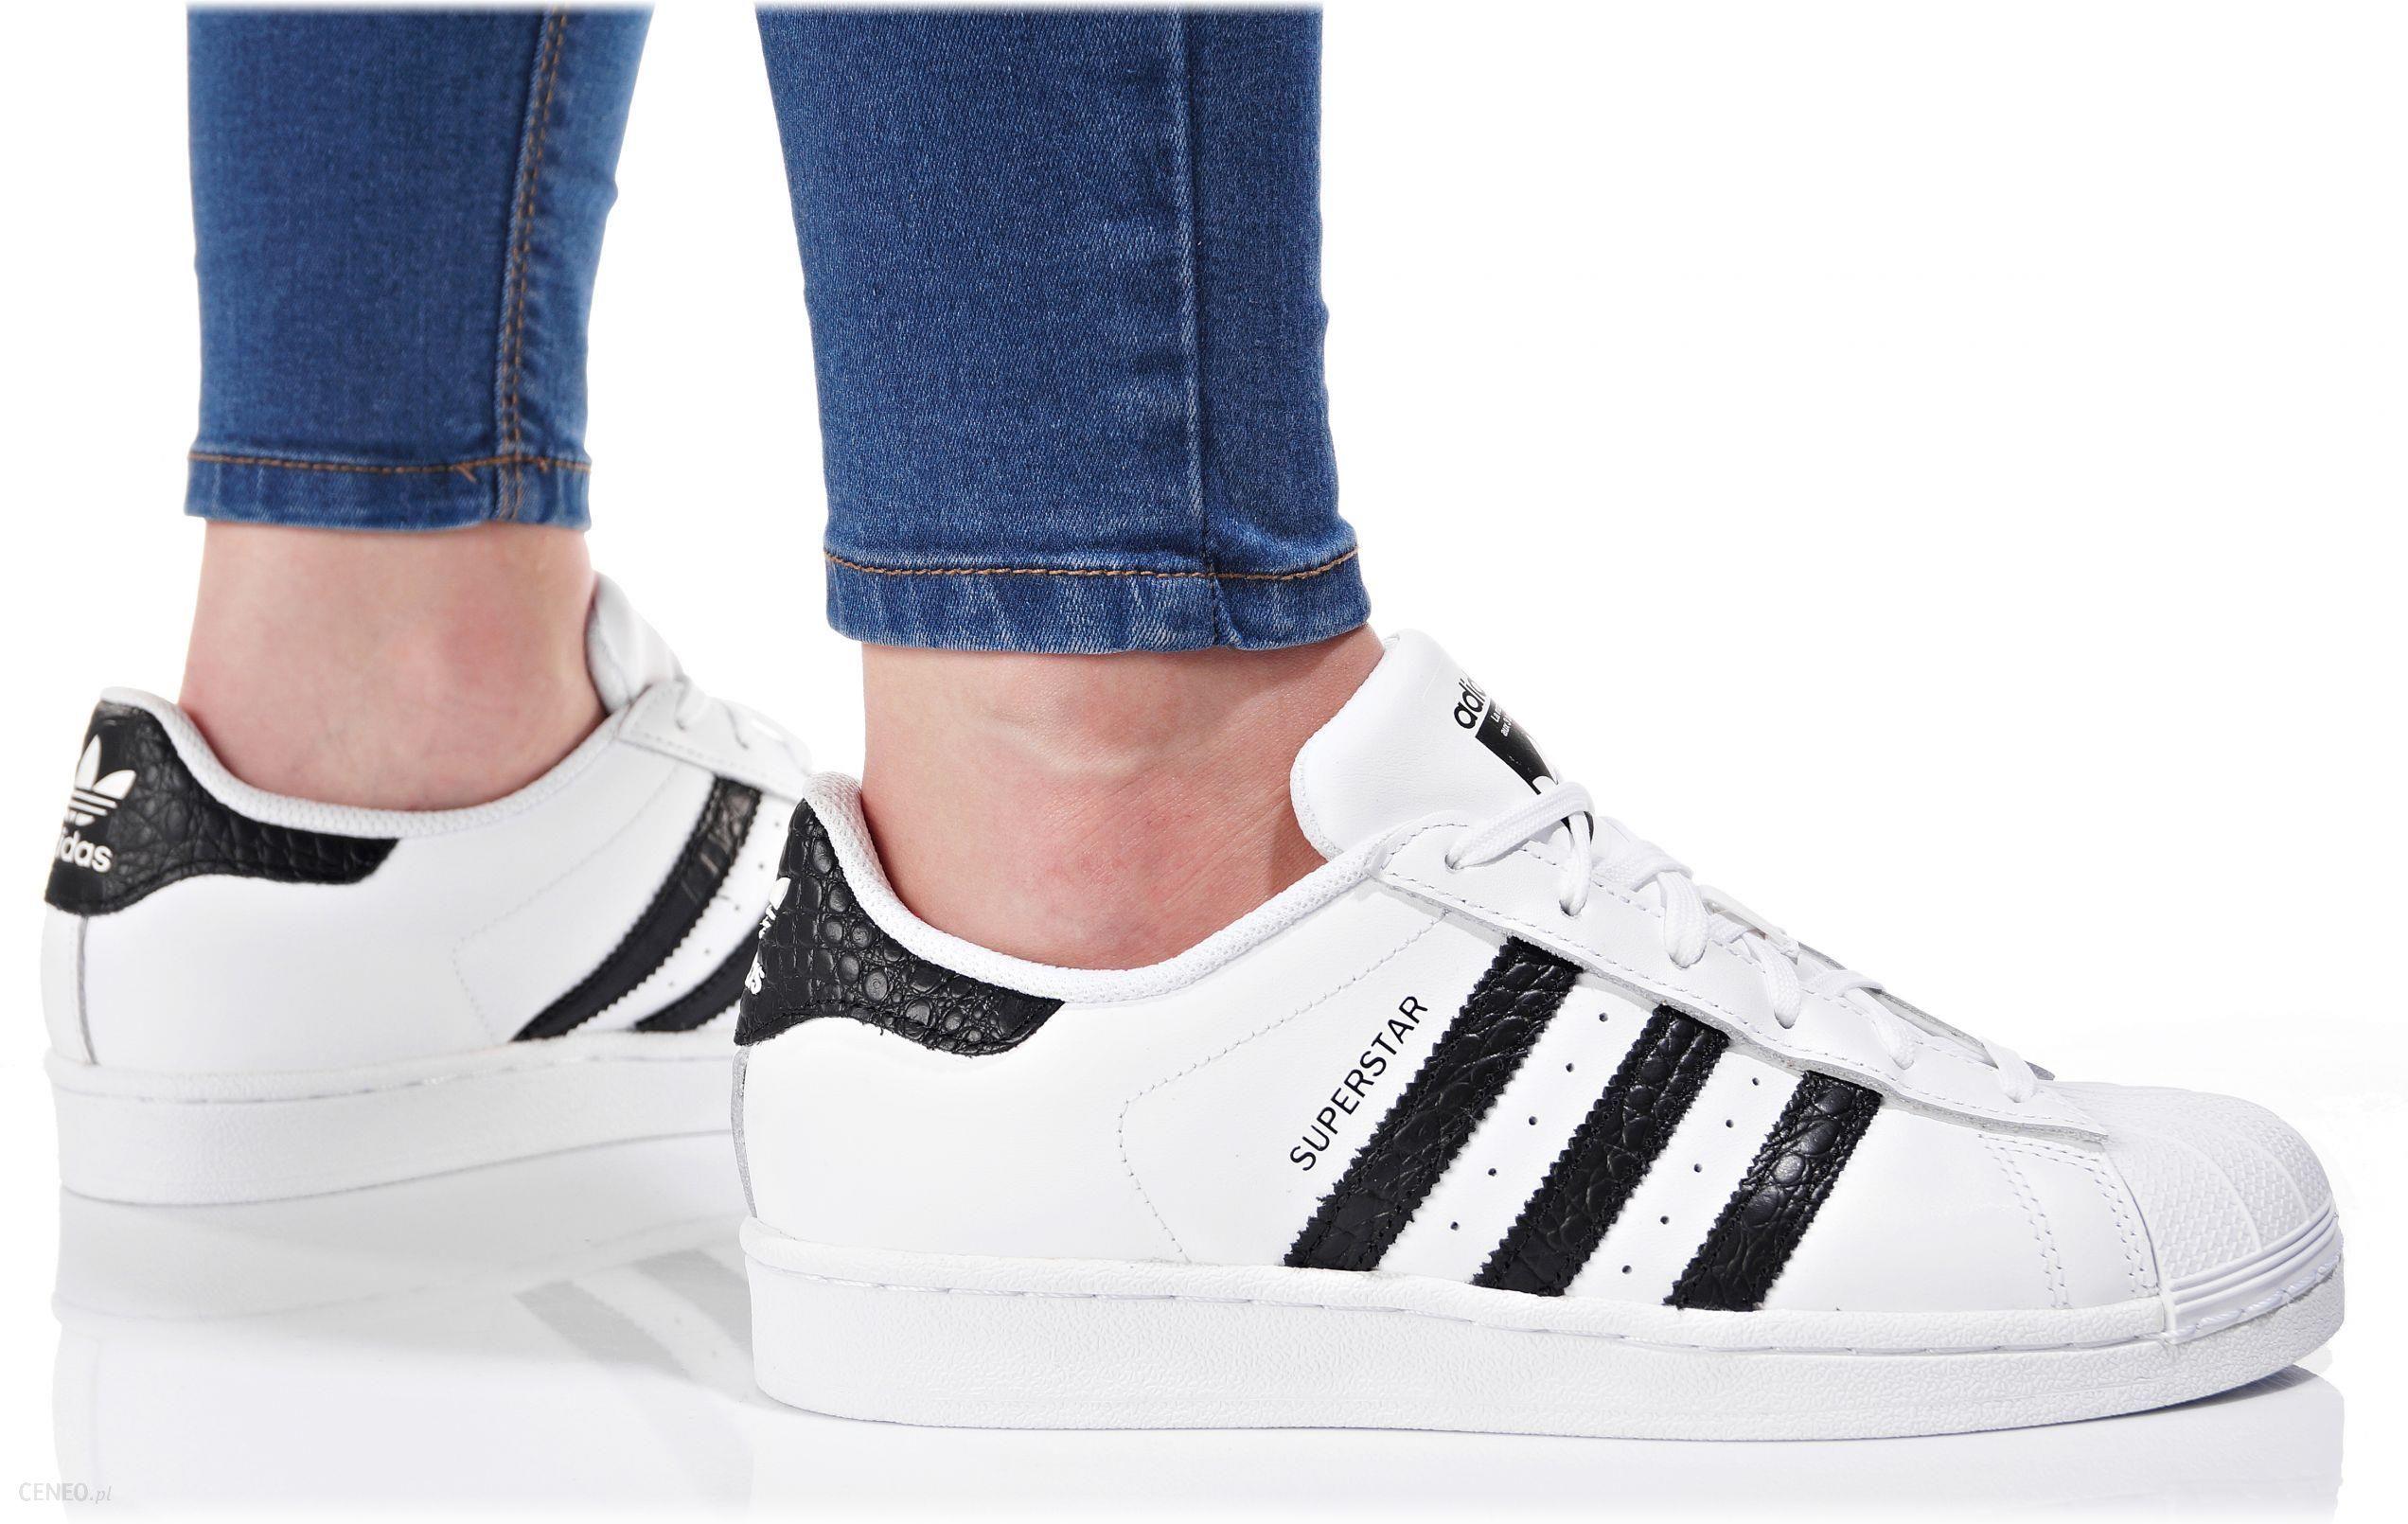 oficjalny sklep Nowe zdjęcia najlepsze buty Buty Adidas Superstar J Damskie BZ0362 Białe Hit! - Ceny i opinie - Ceneo.pl